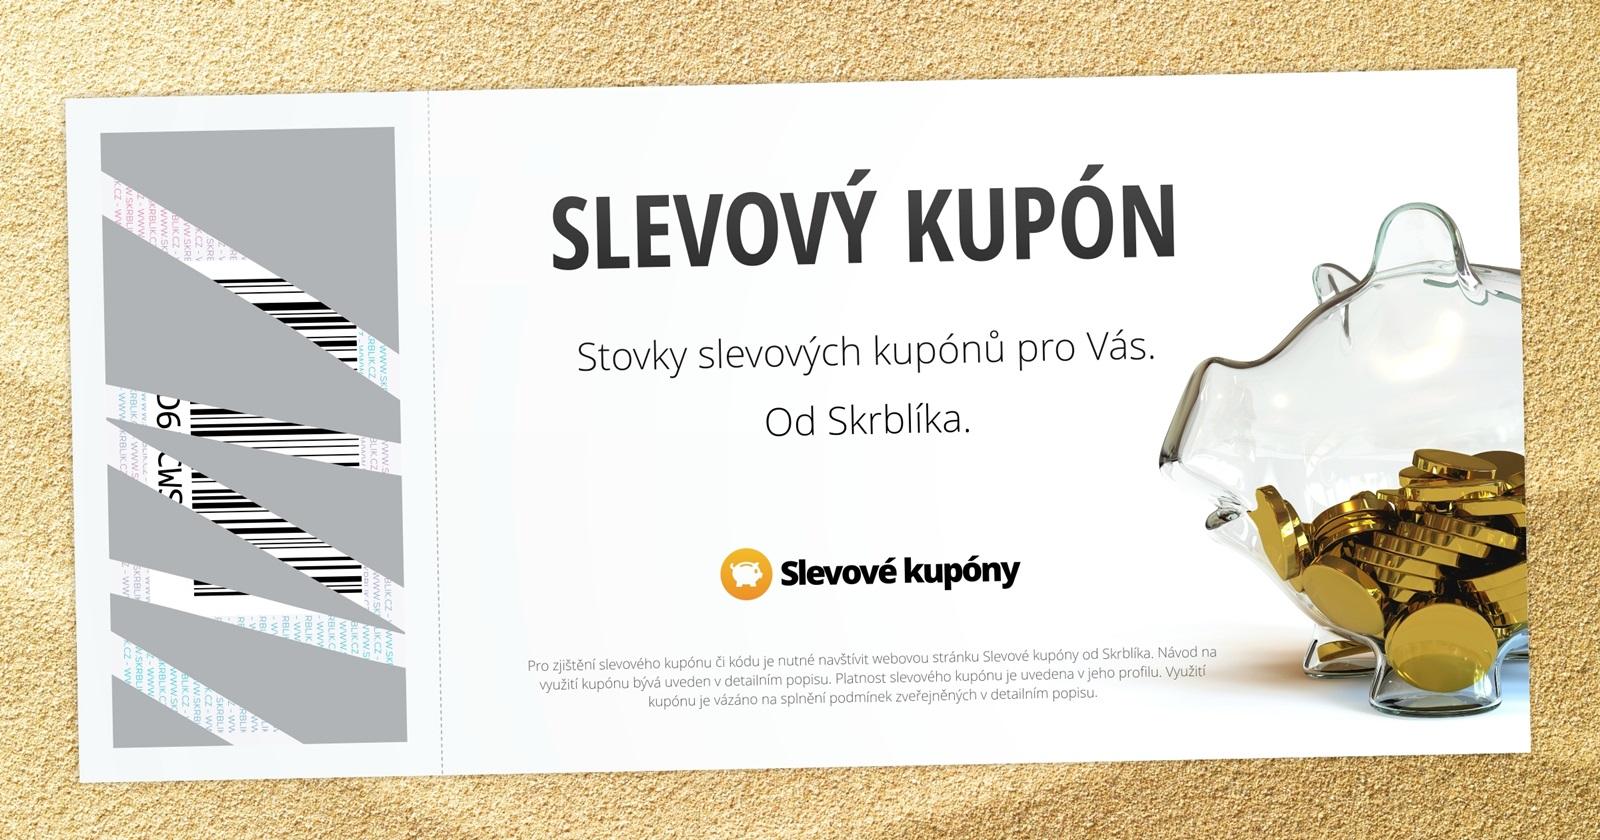 Isix.cz slevov kupn - srpen 2020, slevovykupon.net